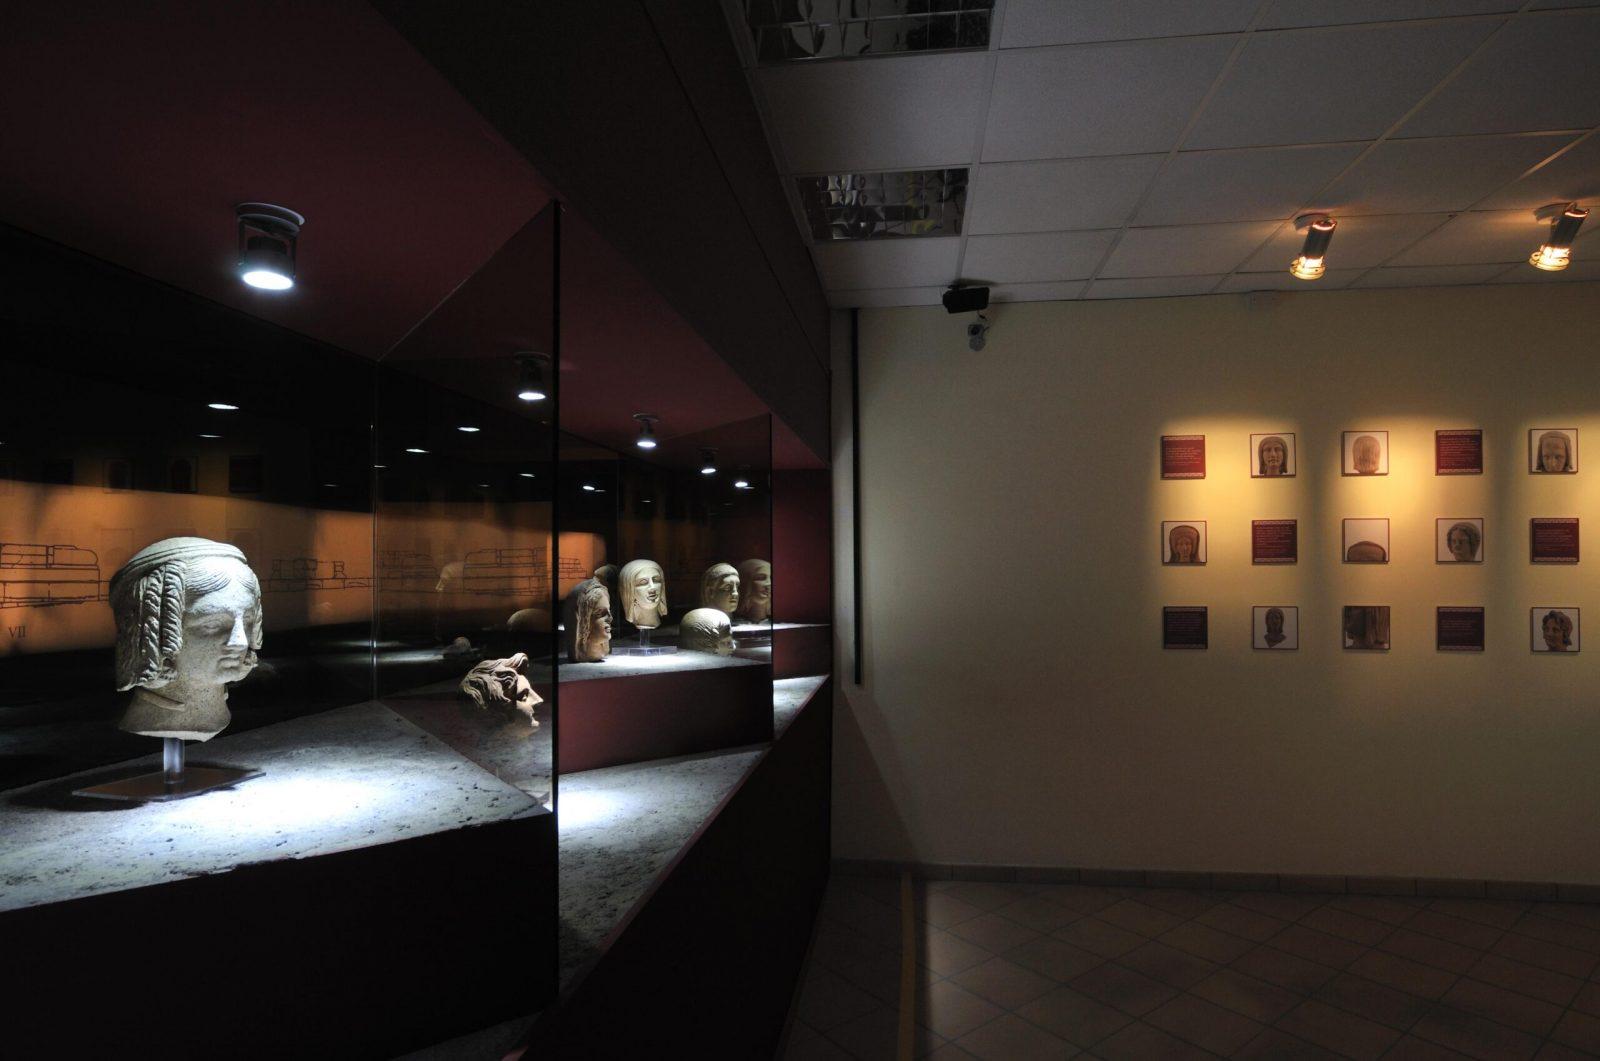 Particolare della sala Mundus Muliebris, con le teste votive dal deposito del santuario di Minerva